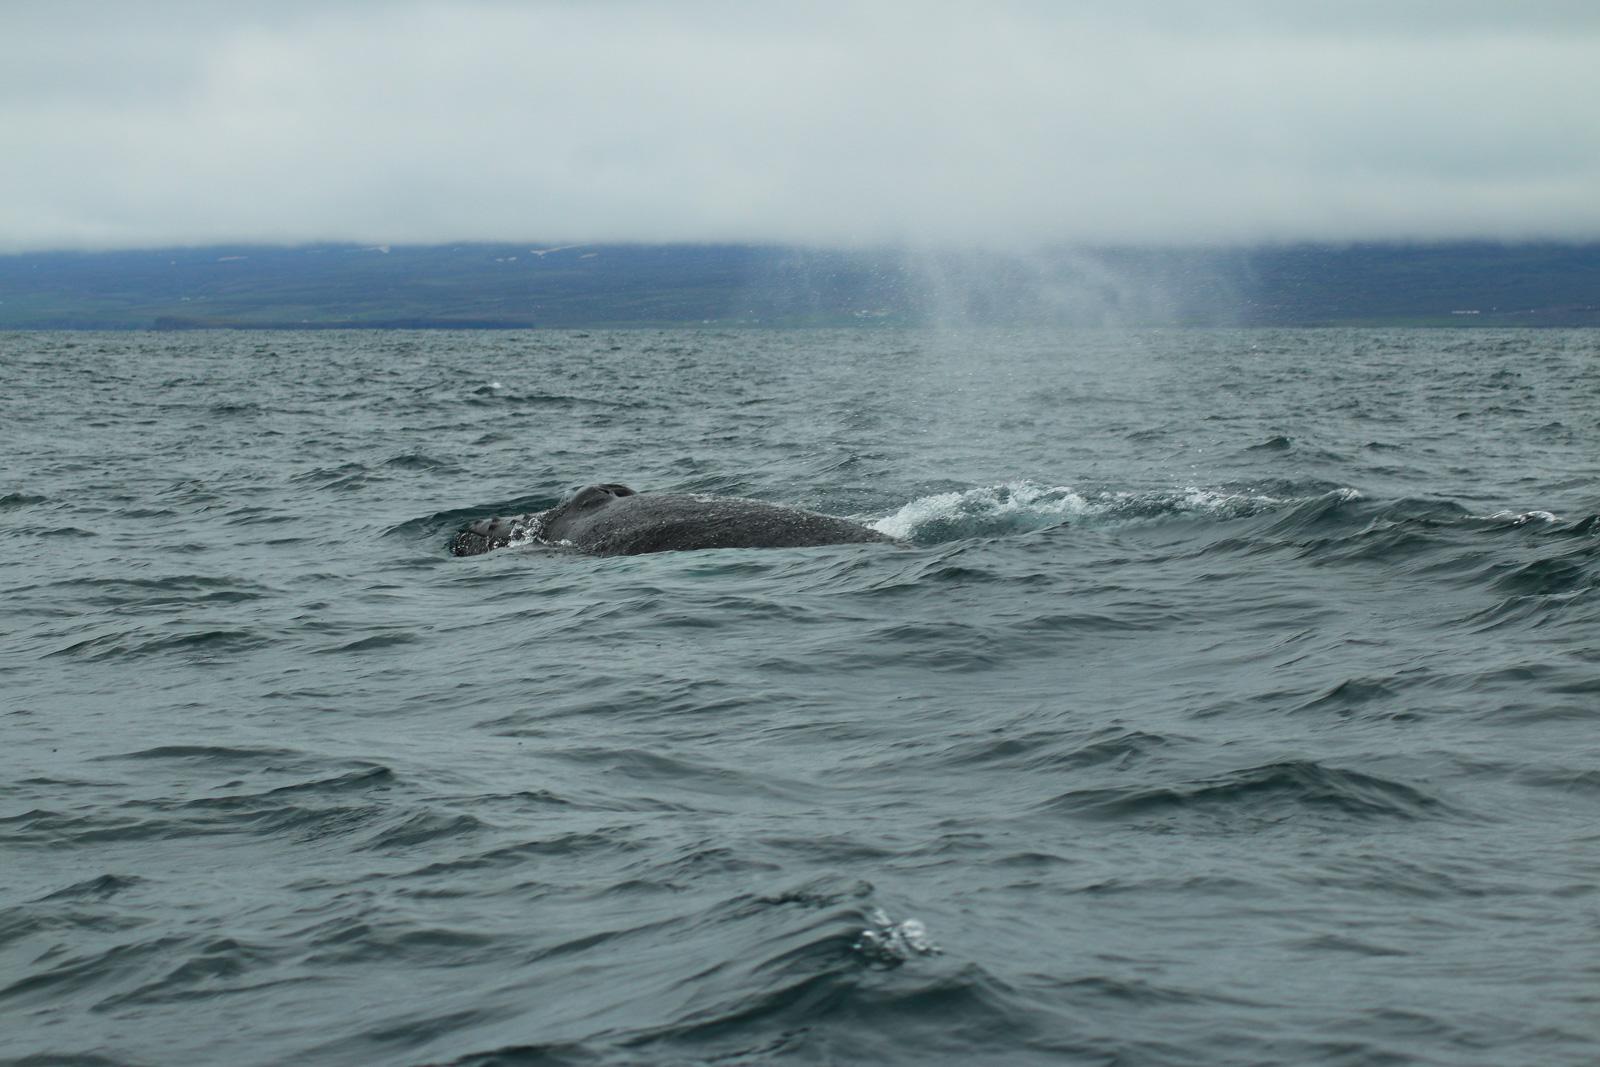 Hier ist auch das Maul des Wals deutlich zu erkennen.